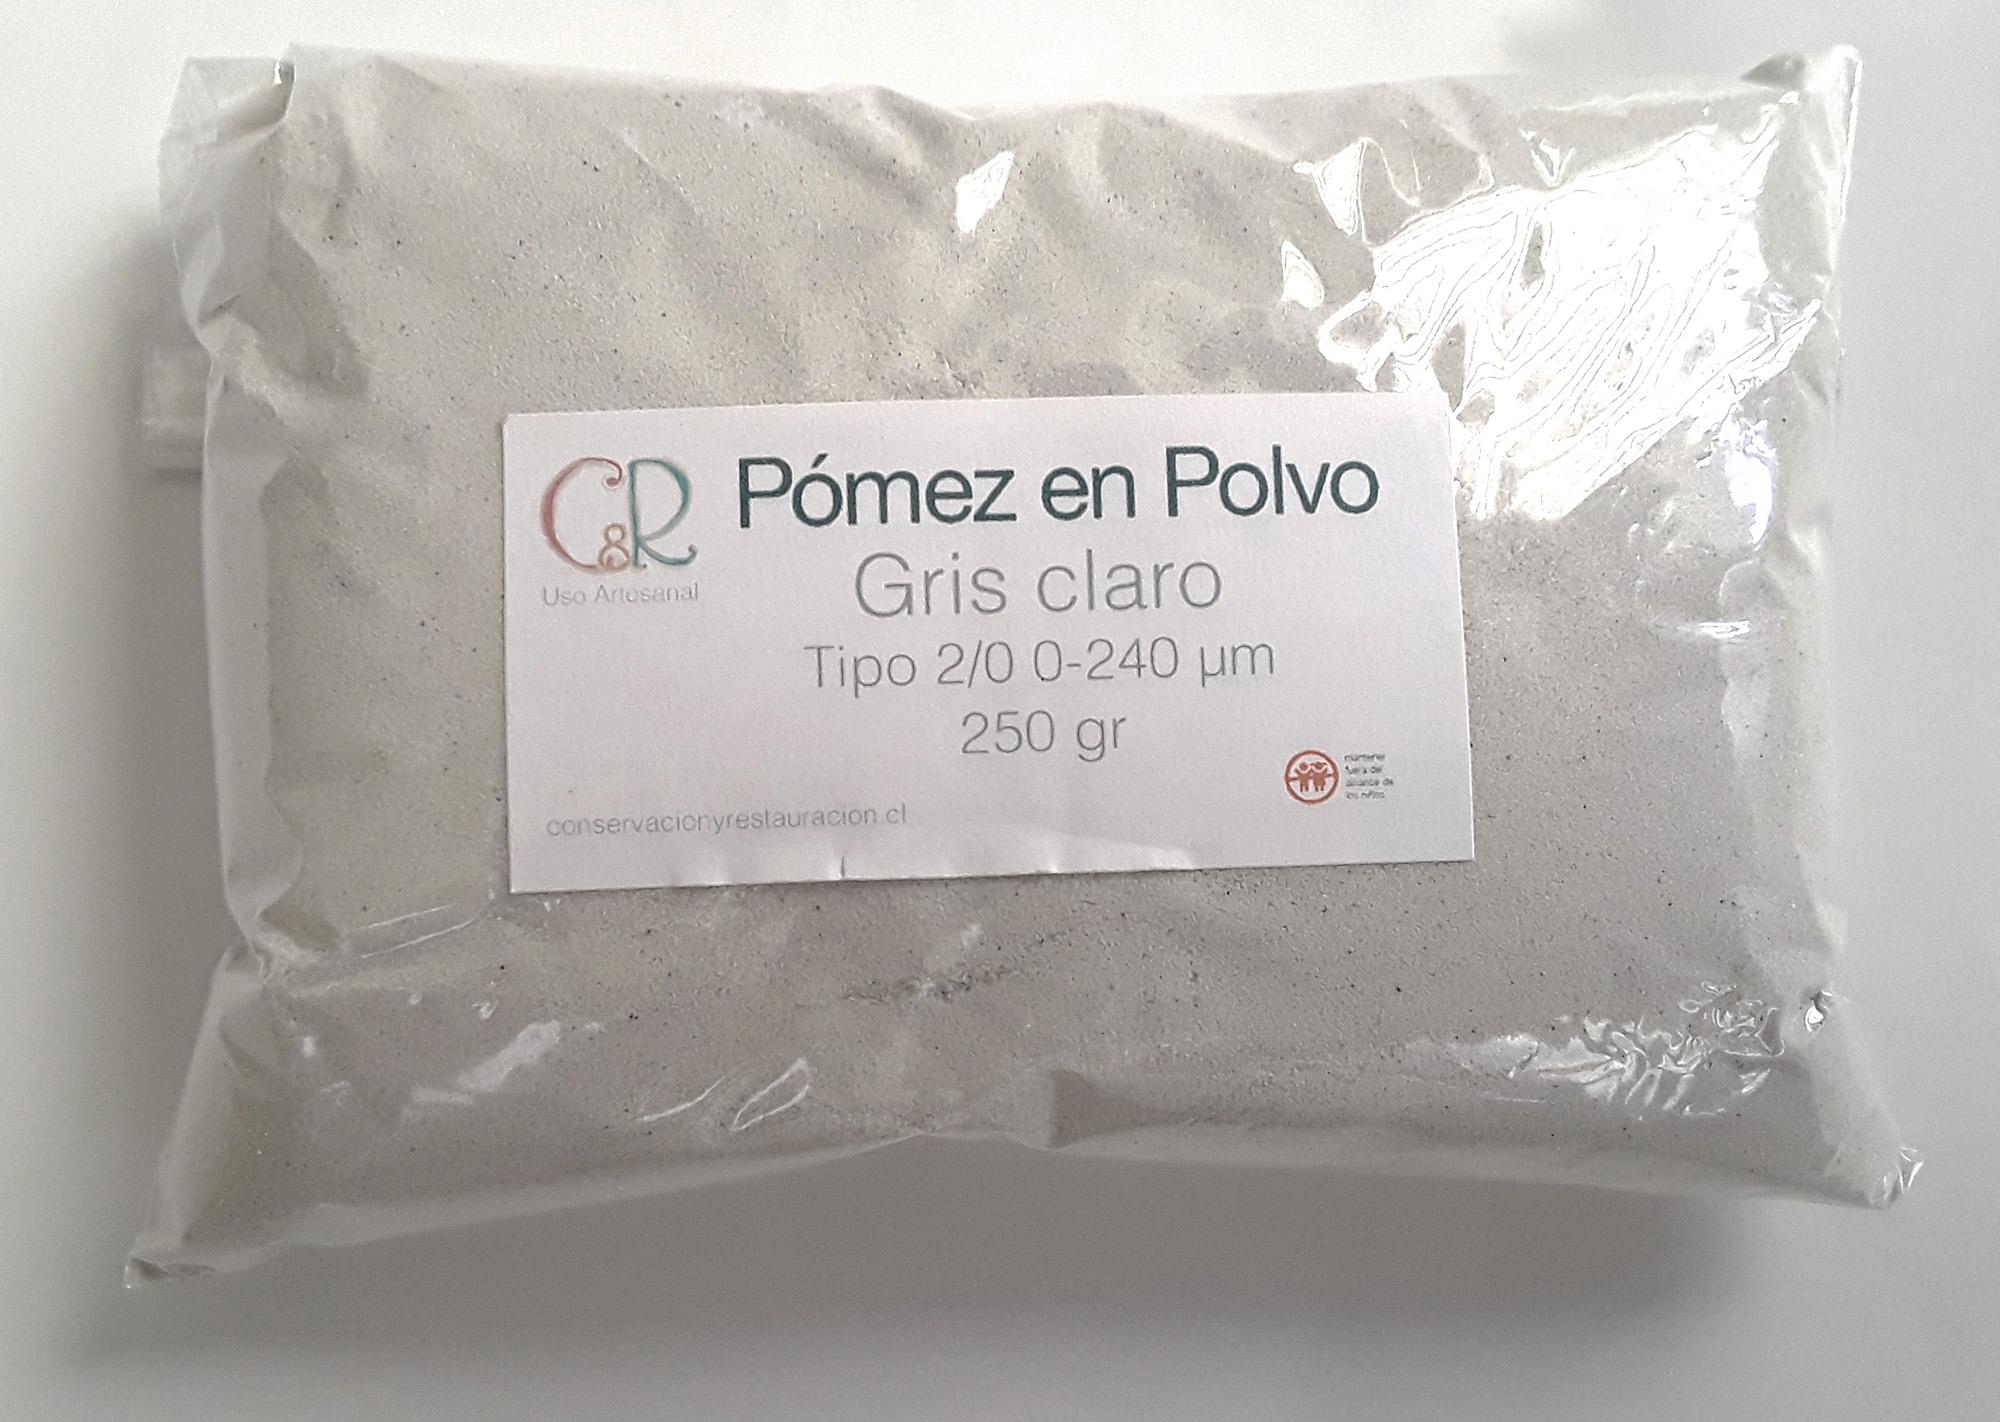 Pomez en Polvo